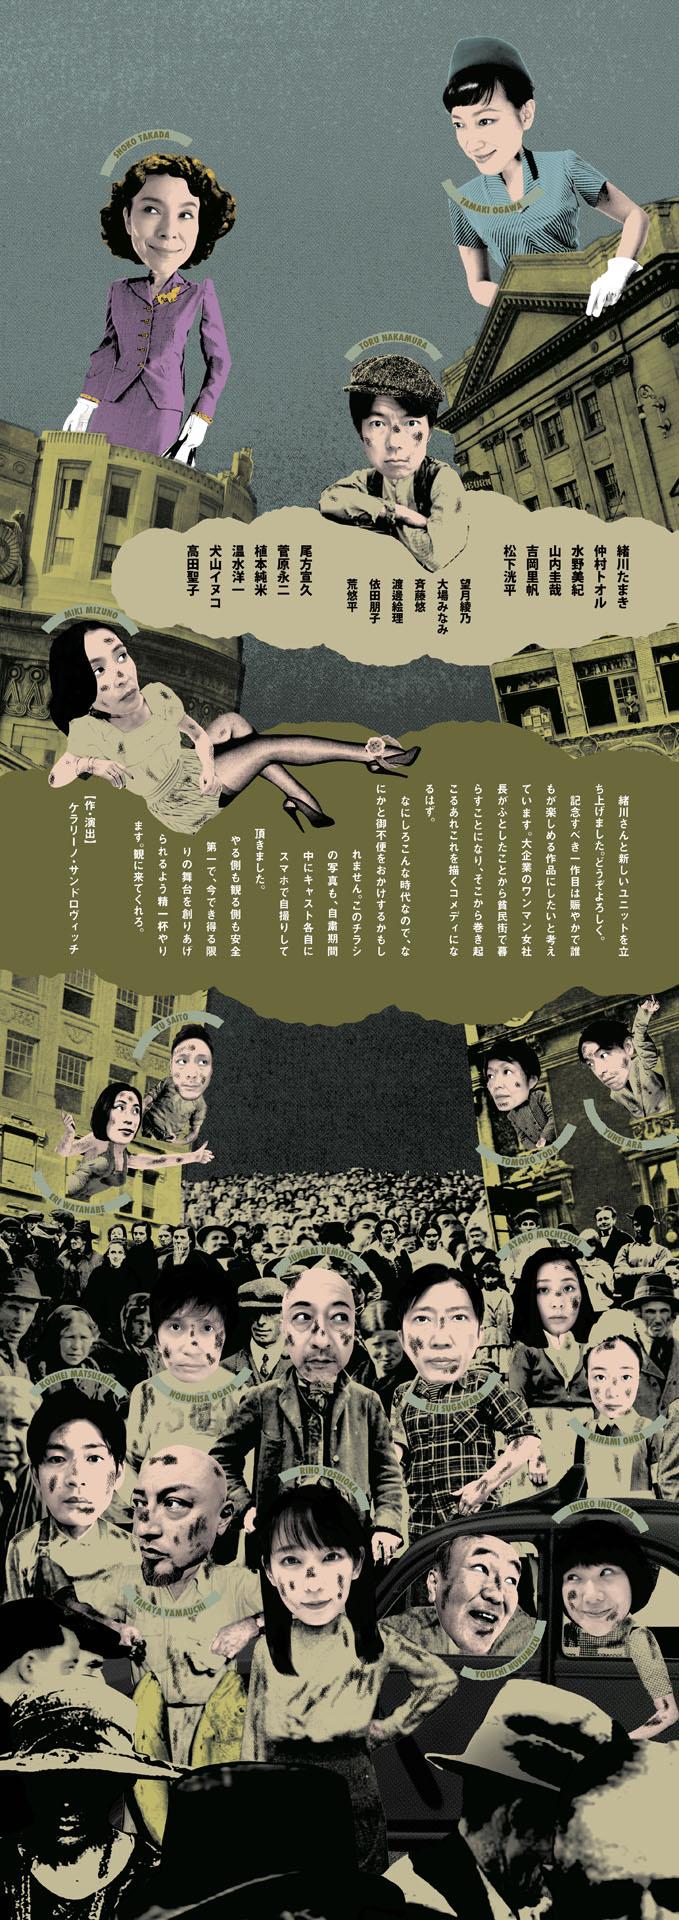 ケムリ研究室 no.1「ベイジルタウンの女神」チラシ中面